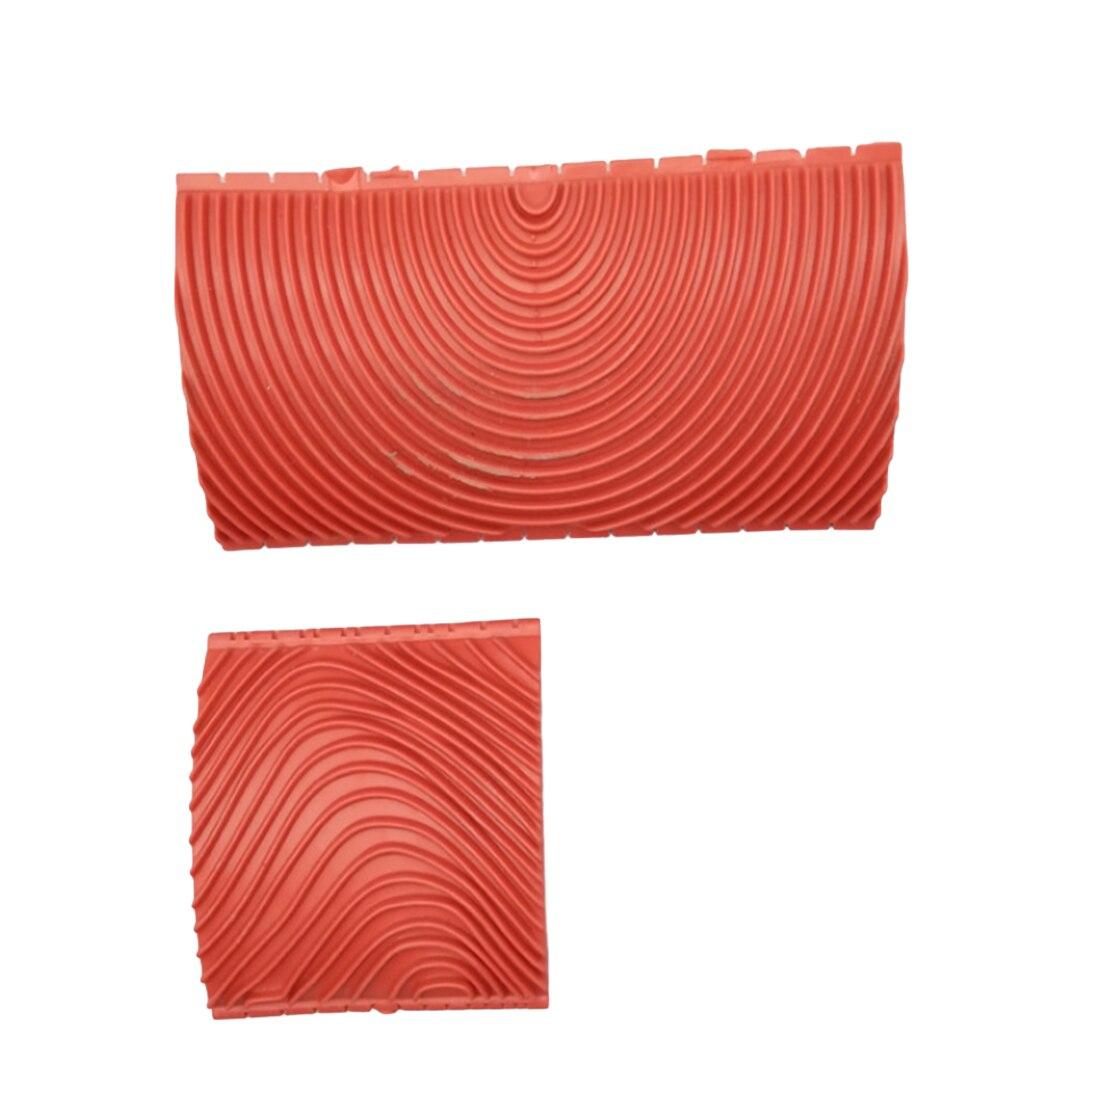 Livraison gratuite 2 pcs Bois Grainage Grain Caoutchouc Patin Peinture Effets DIY Mur Décoration Outils